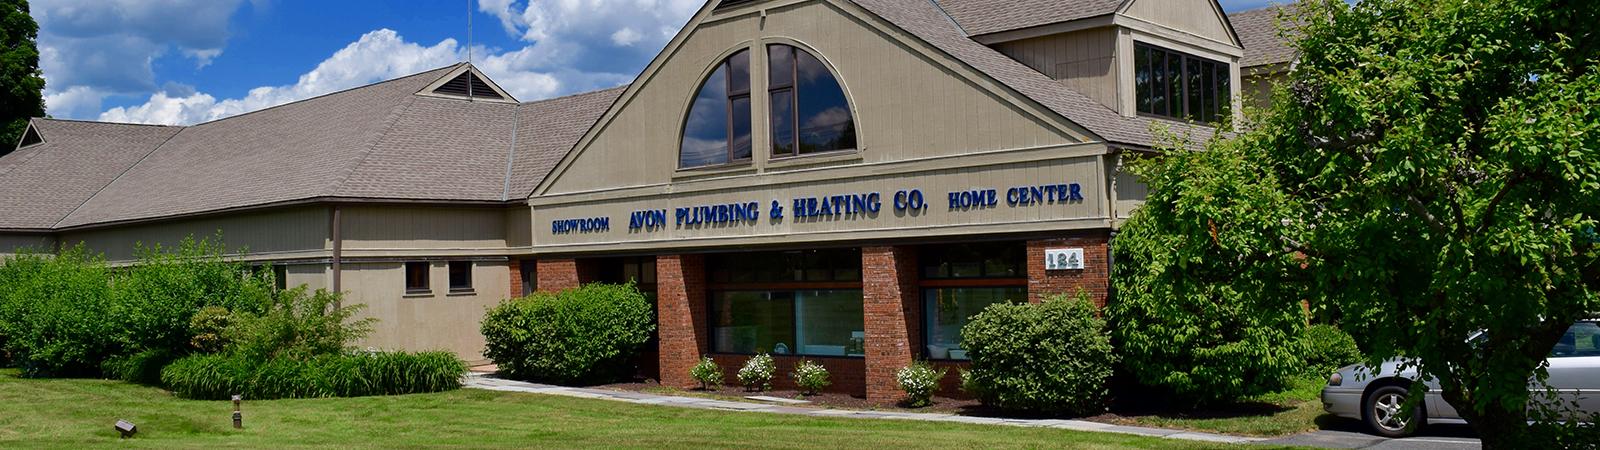 About Us Avon Plumbing Heating